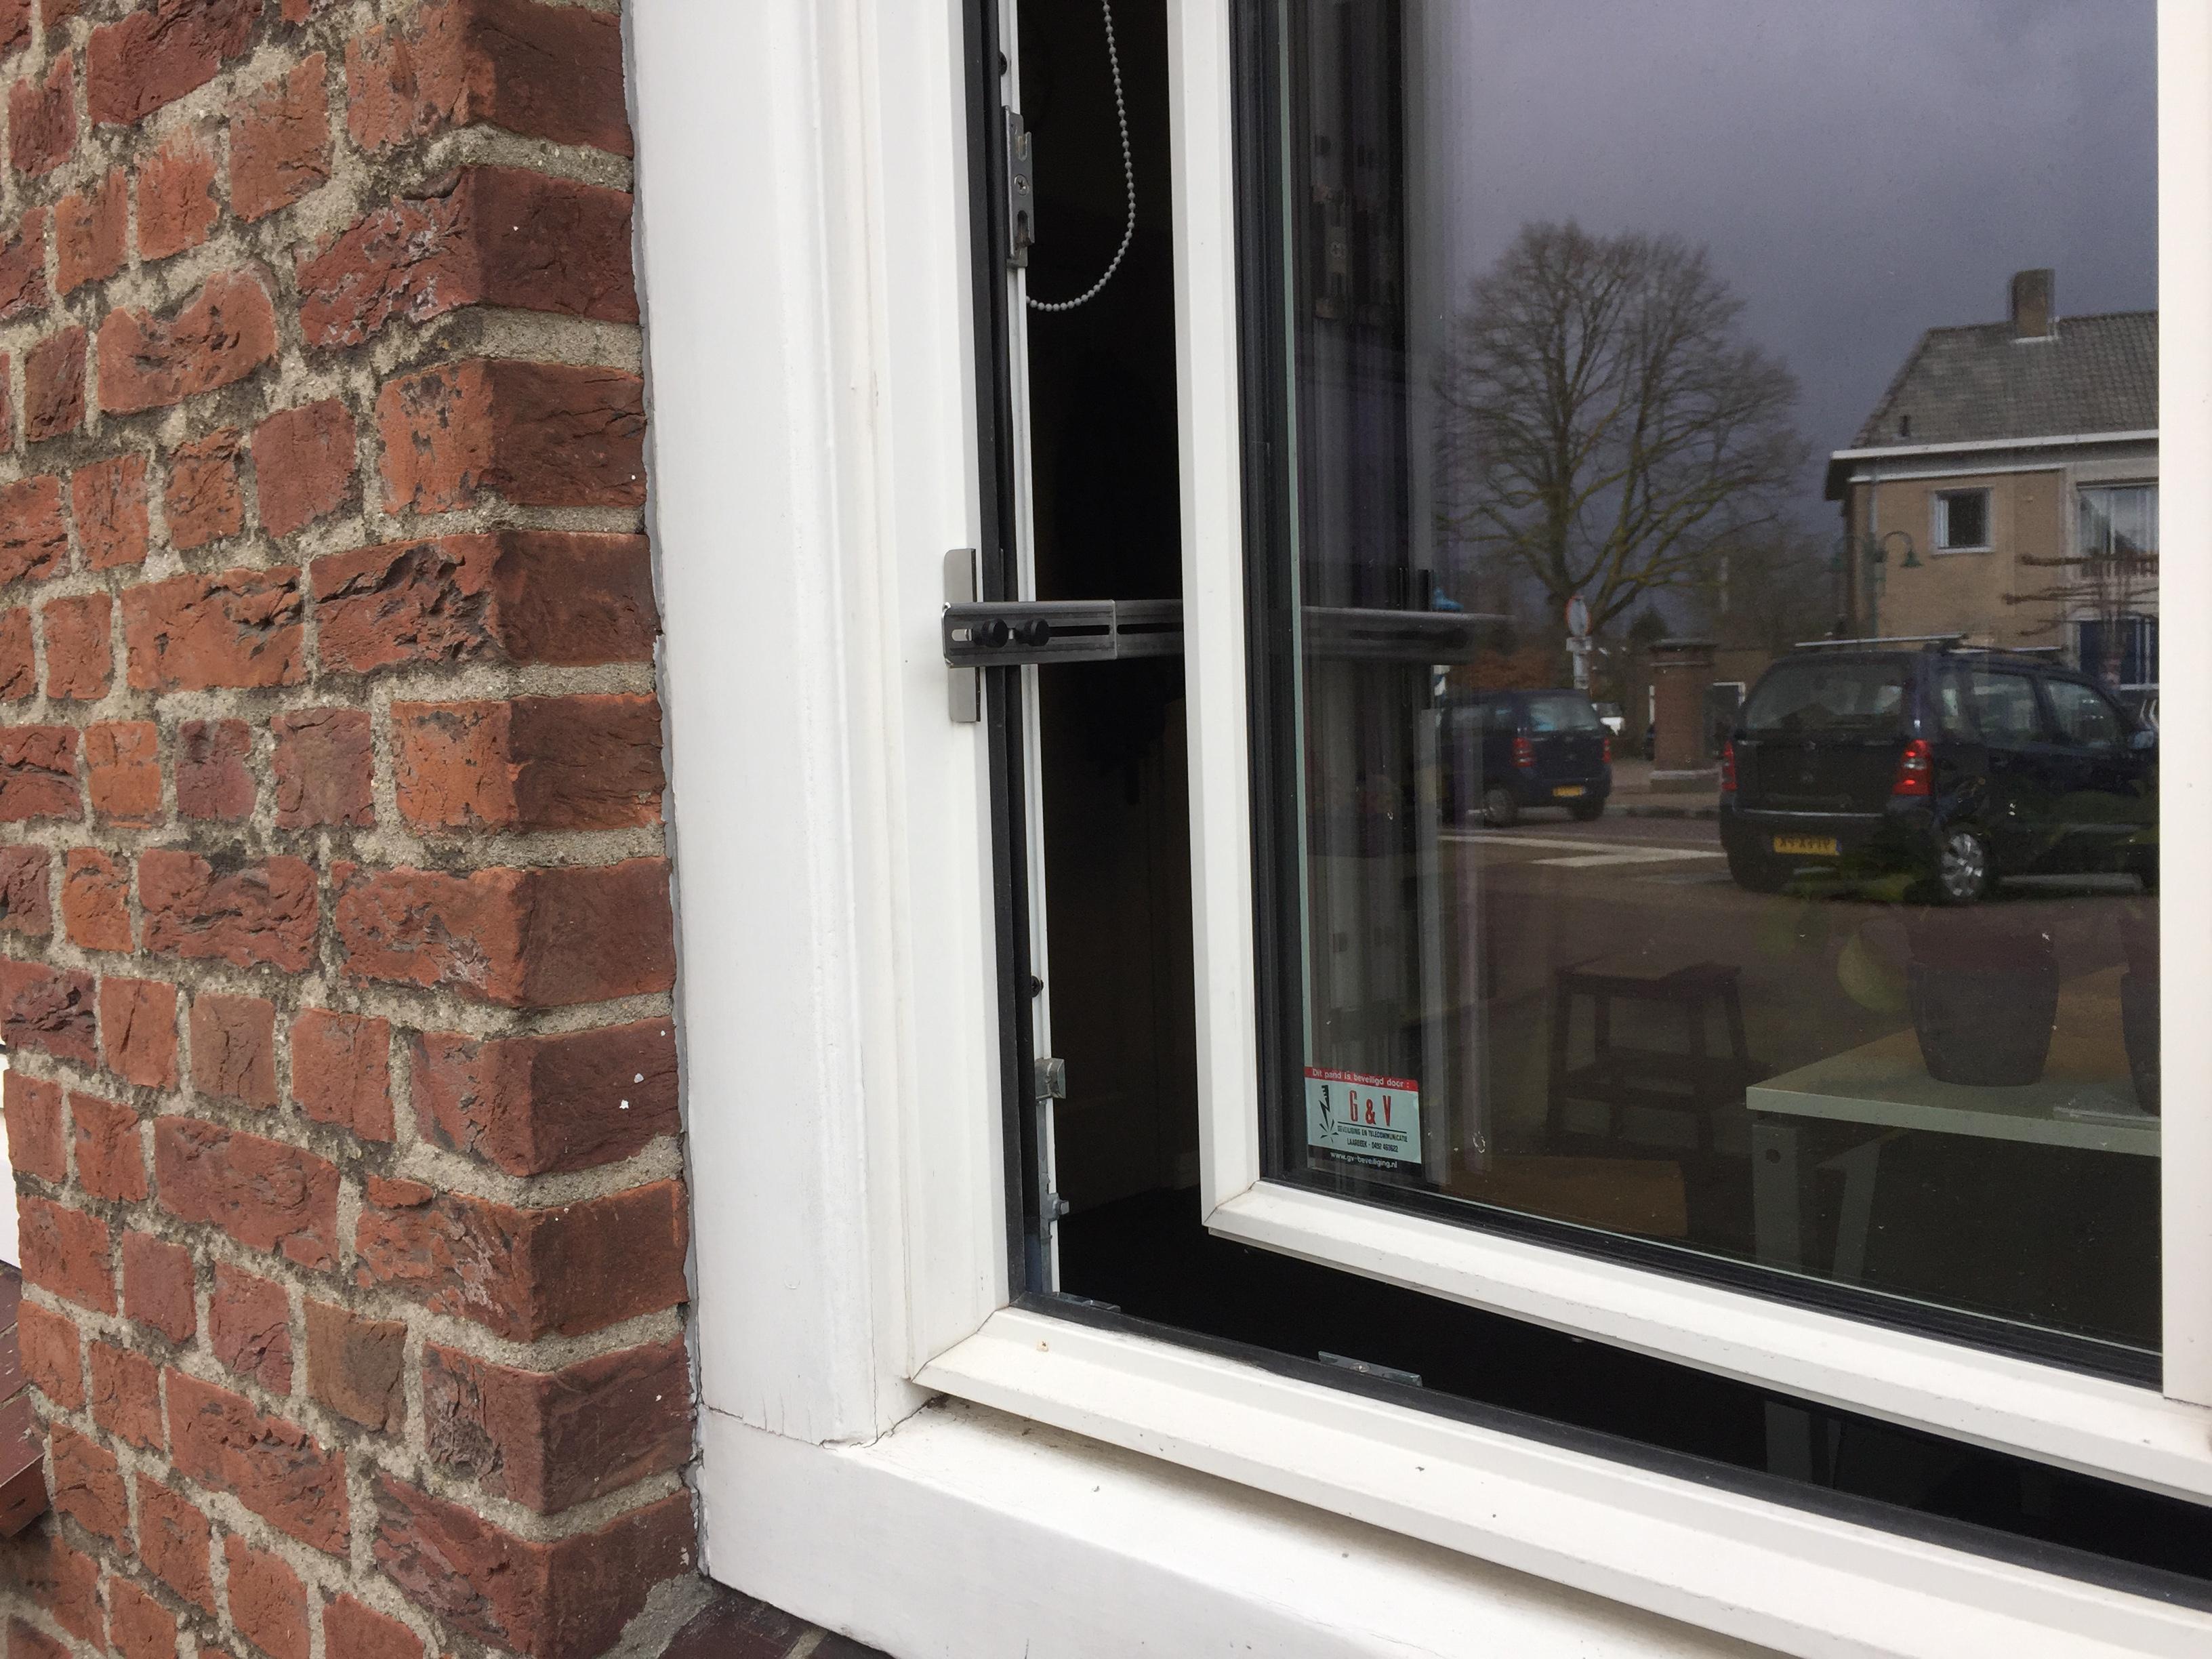 Kierr Classic 100 zonder boren en schroeven kierstandhouder RVS op een openstaand kunststof raam